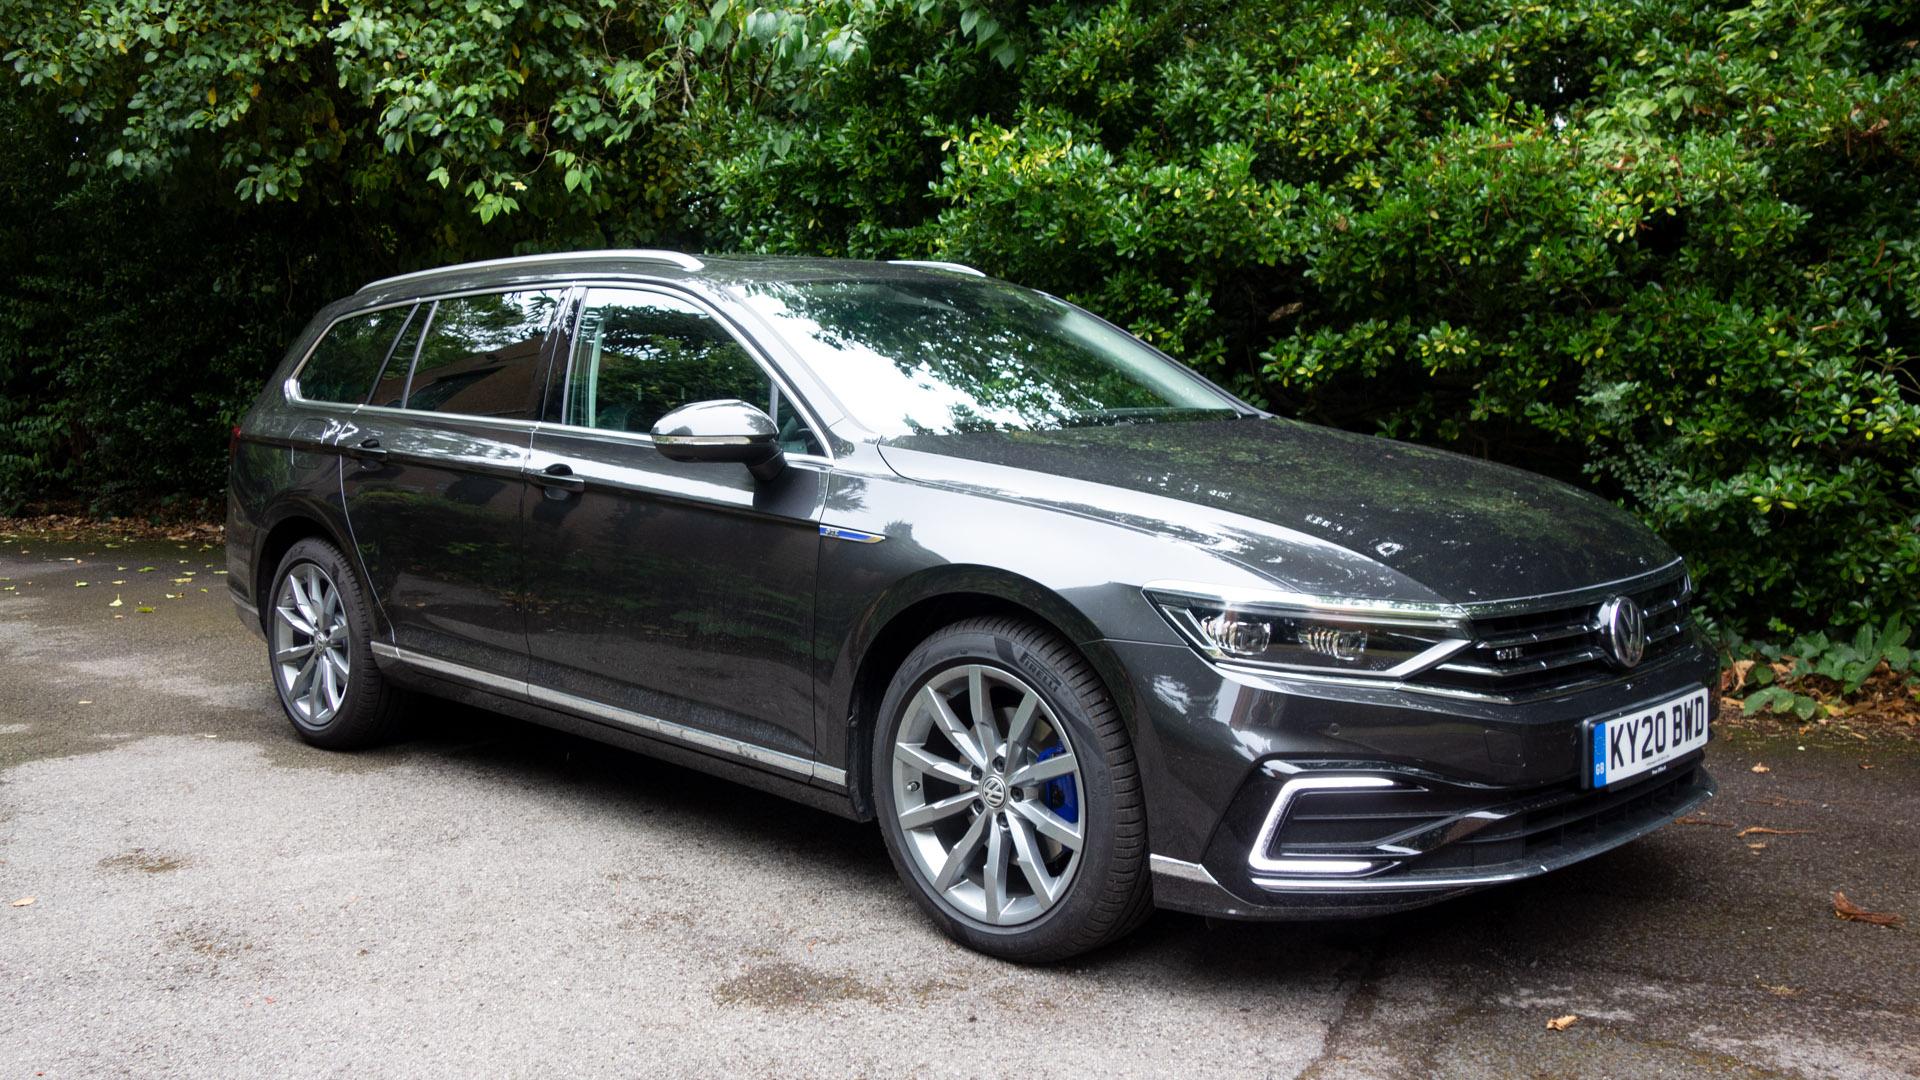 Volkswagen Passat Estate GTE side